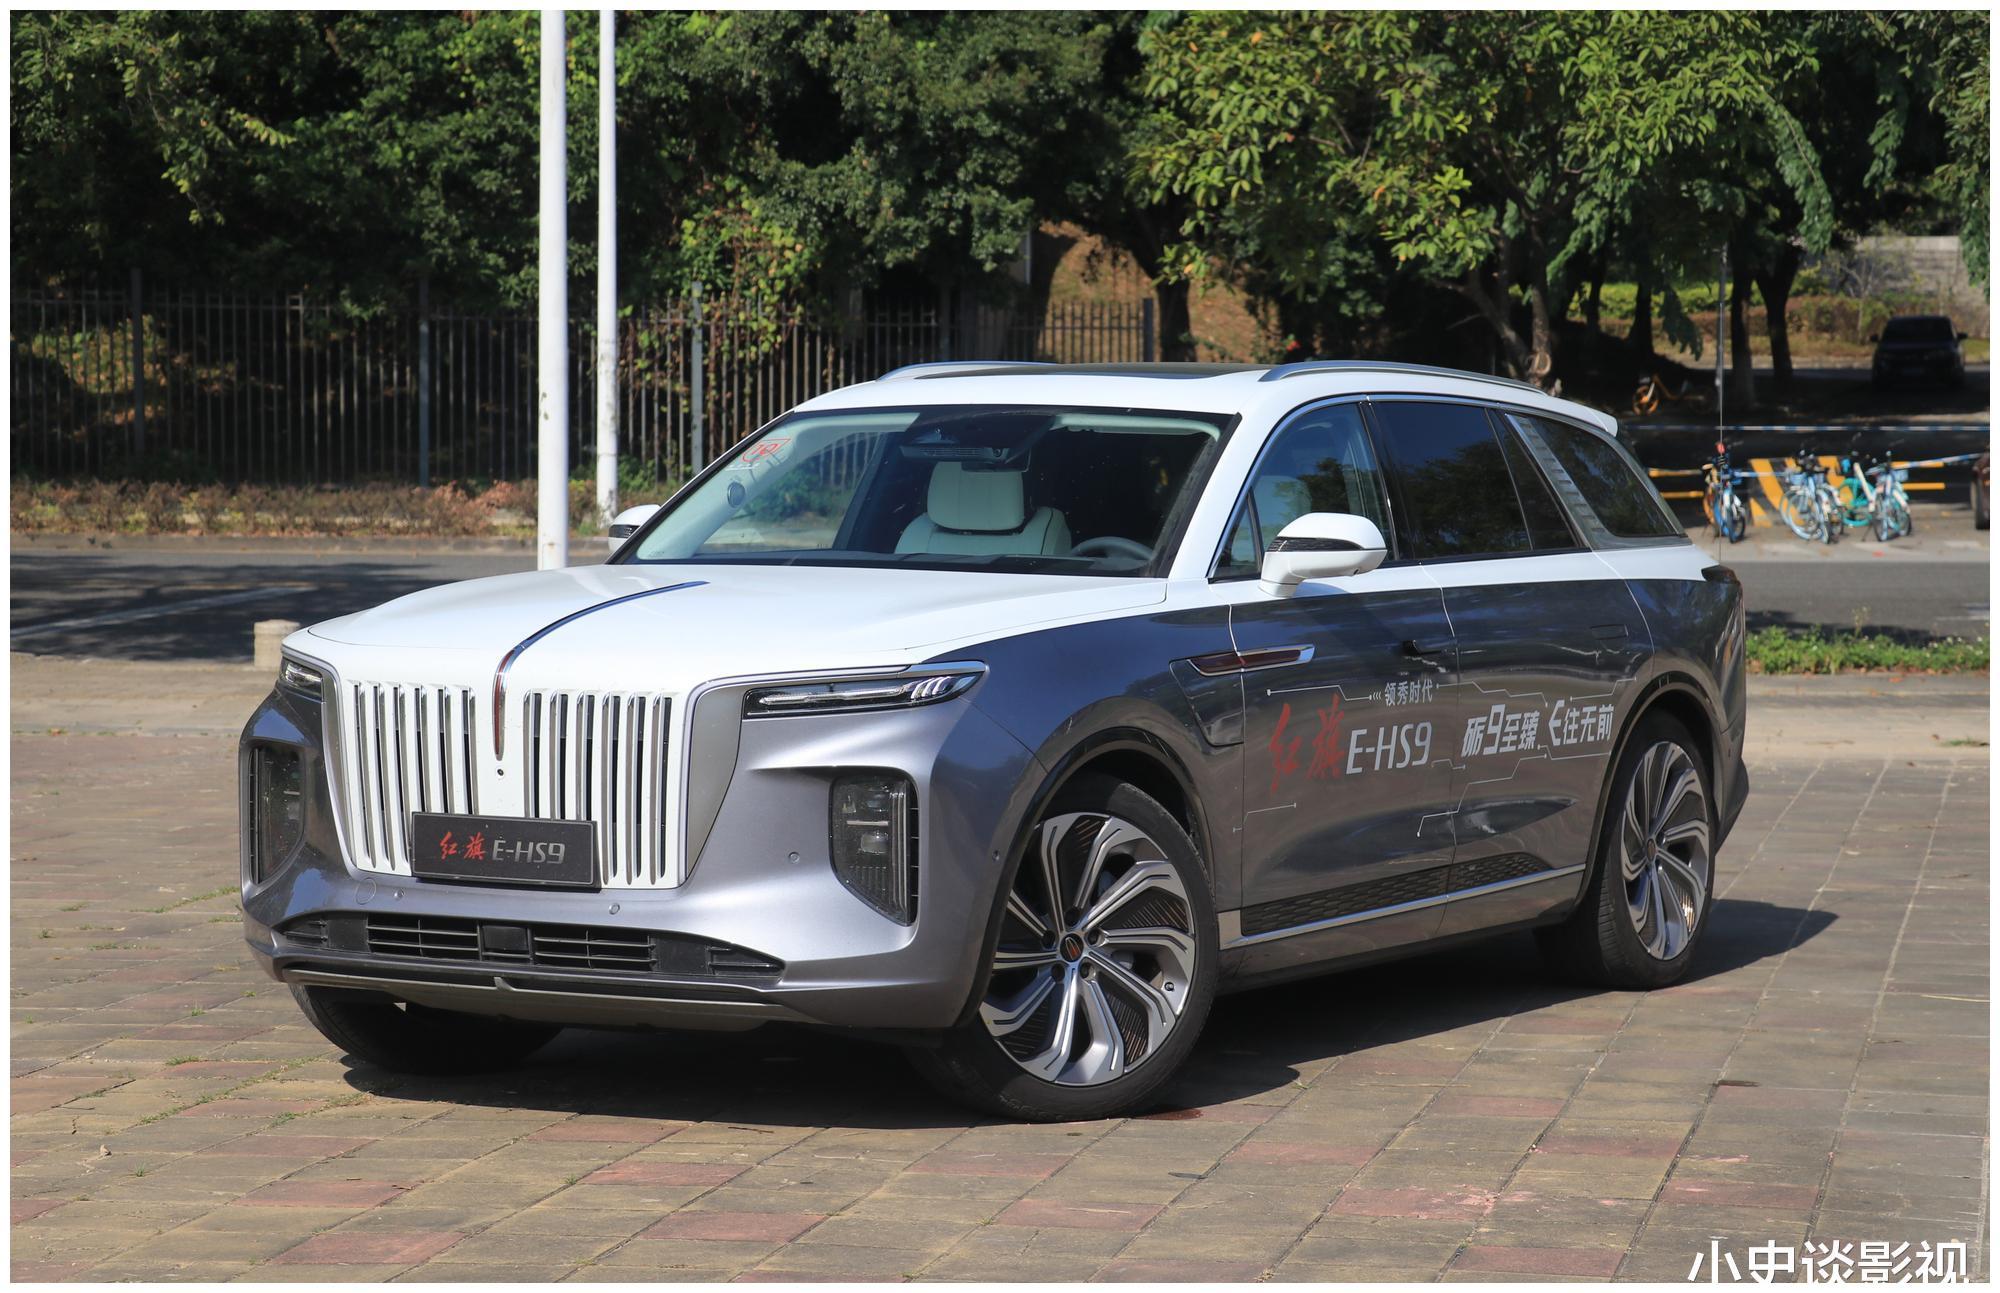 新车车长超五米二,配水晶档把+4S破百,堪称最有排面的国产车!